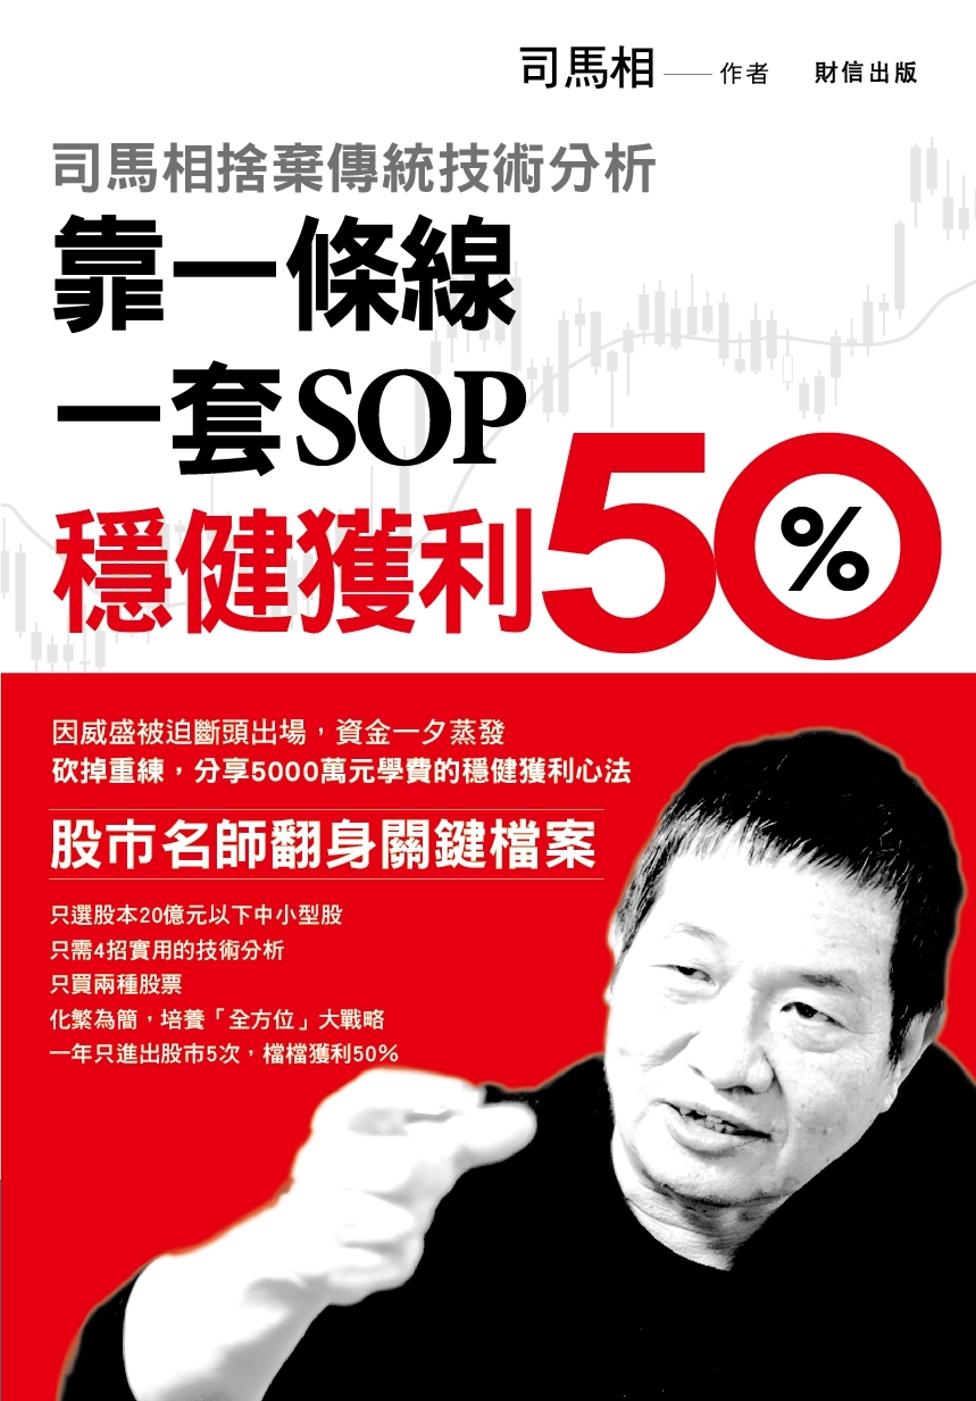 ◤博客來BOOKS◢ 暢銷書榜《推薦》司馬相捨棄傳統技術分析:靠一條線、一套SOP穩健獲利50%